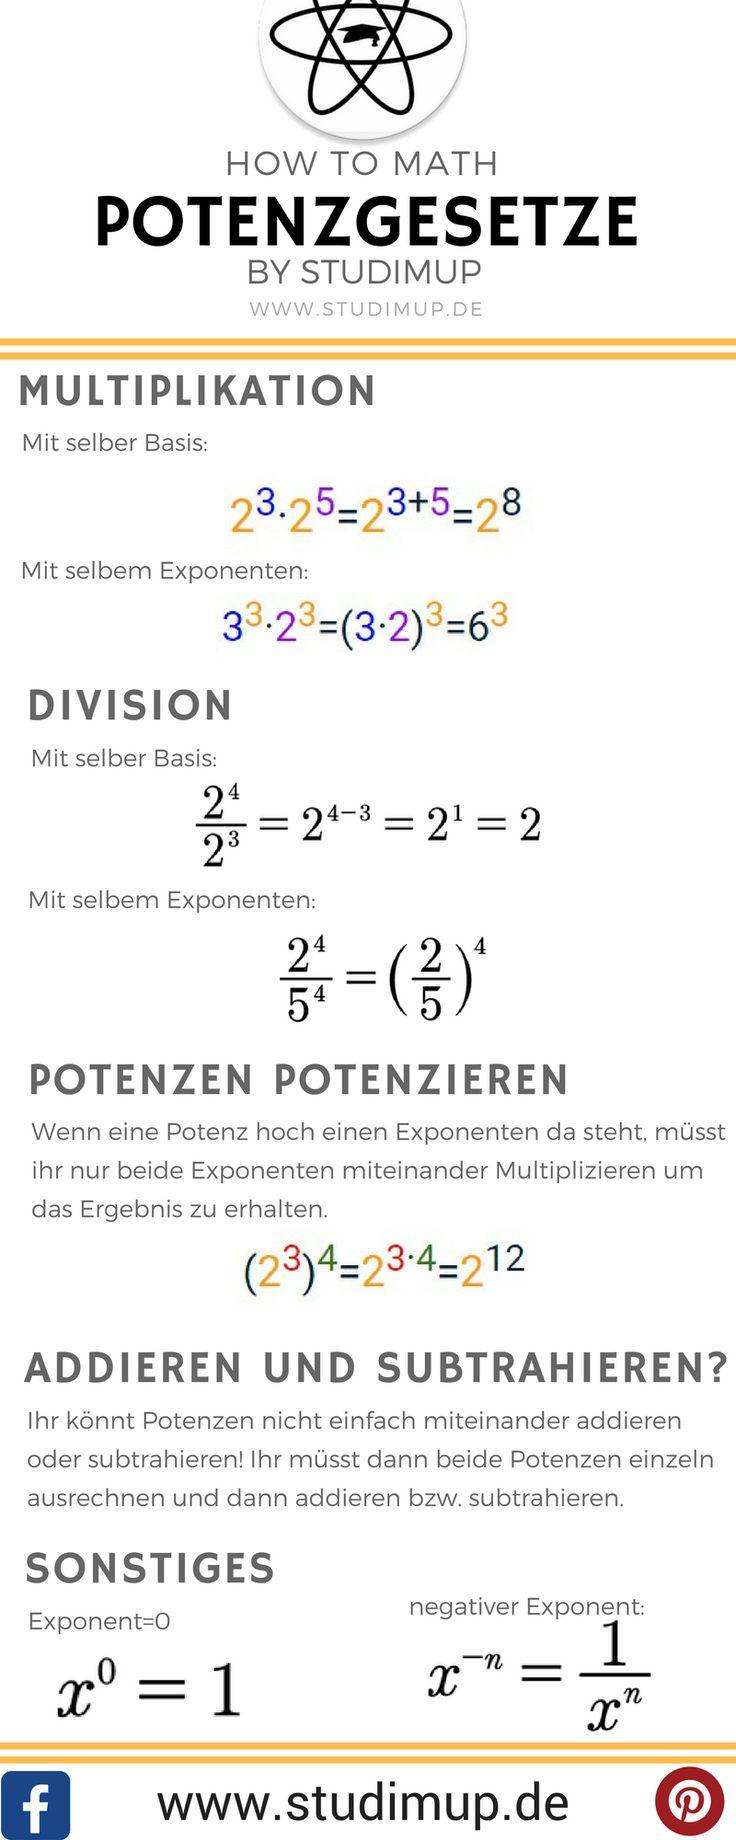 Potenzgesetze in einer Übersicht erklärt mit Beispielen. So rechnet man richtig mit Potenzen. Mathe Spickzettel von Studimup.